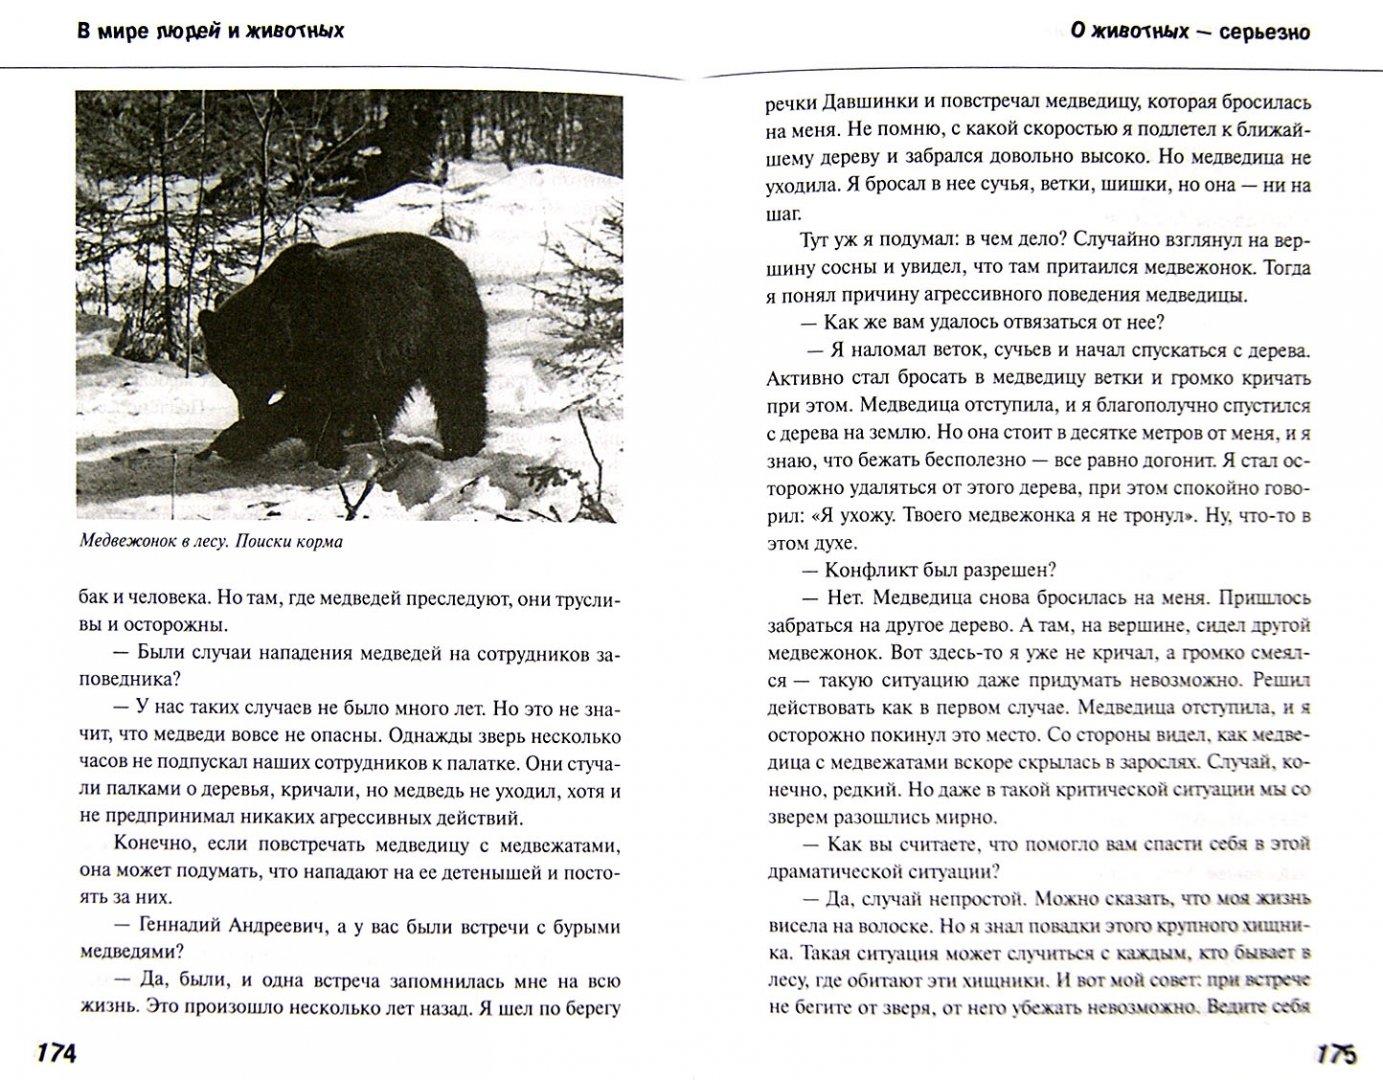 Иллюстрация 1 из 21 для В мире людей и животных. Забавные истории и анекдоты - Николай Дроздов | Лабиринт - книги. Источник: Лабиринт